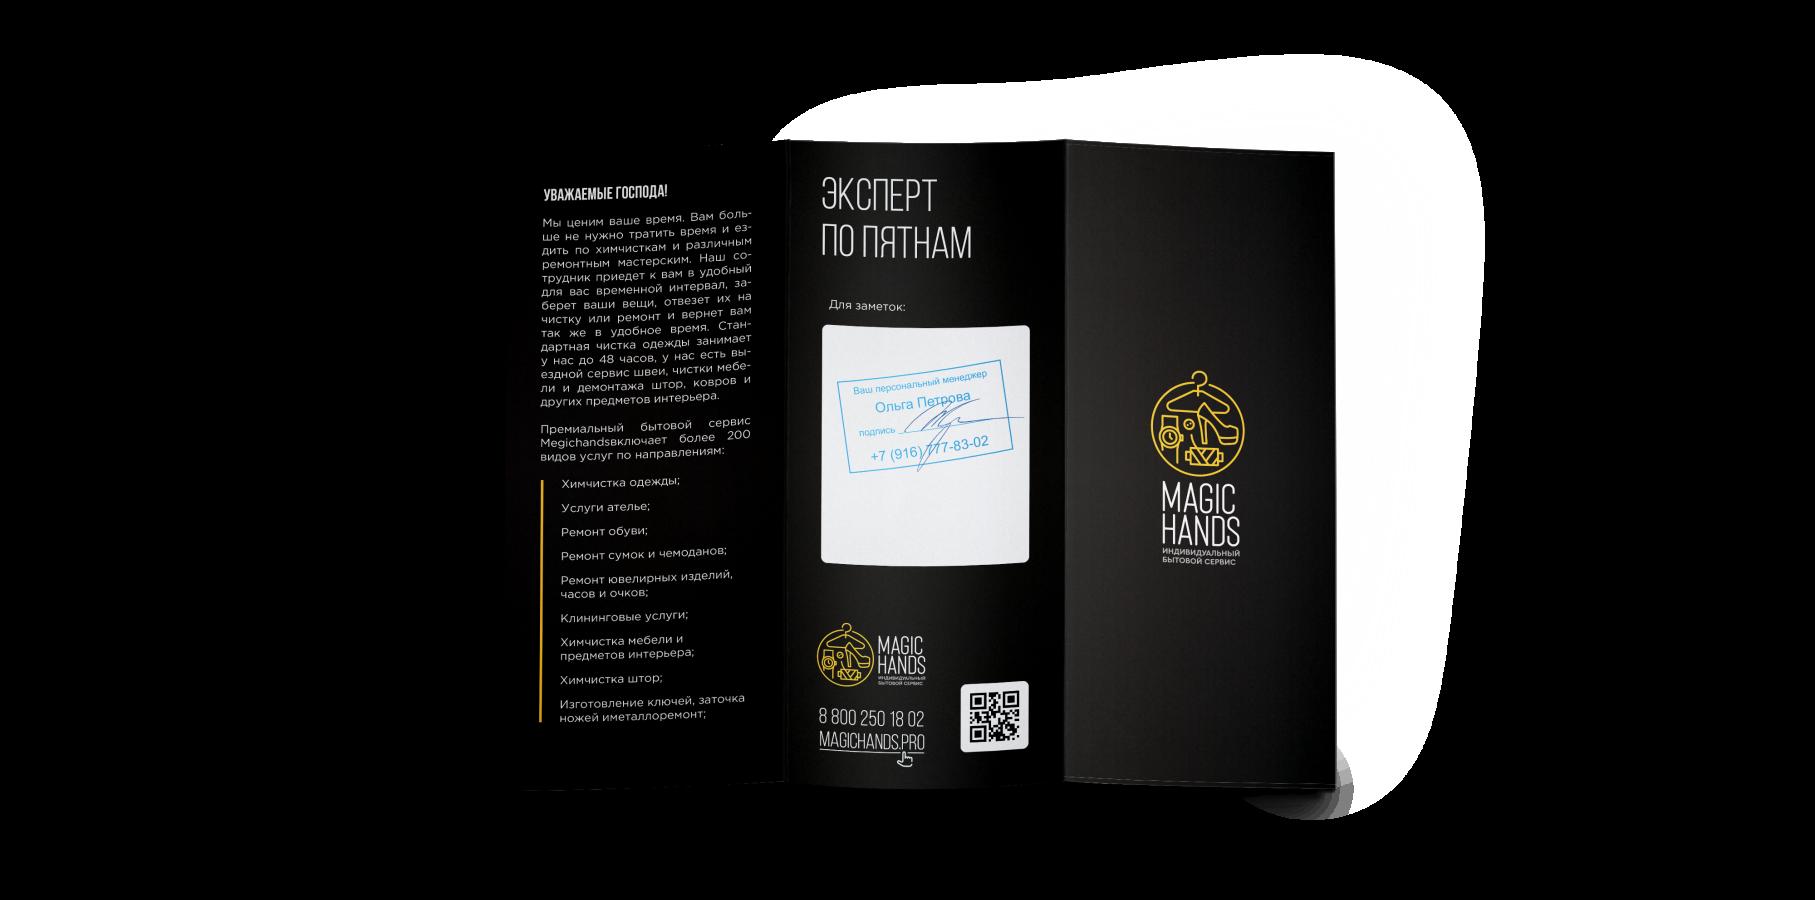 Magic Hands - HMS Brands - кейсы - лифлет